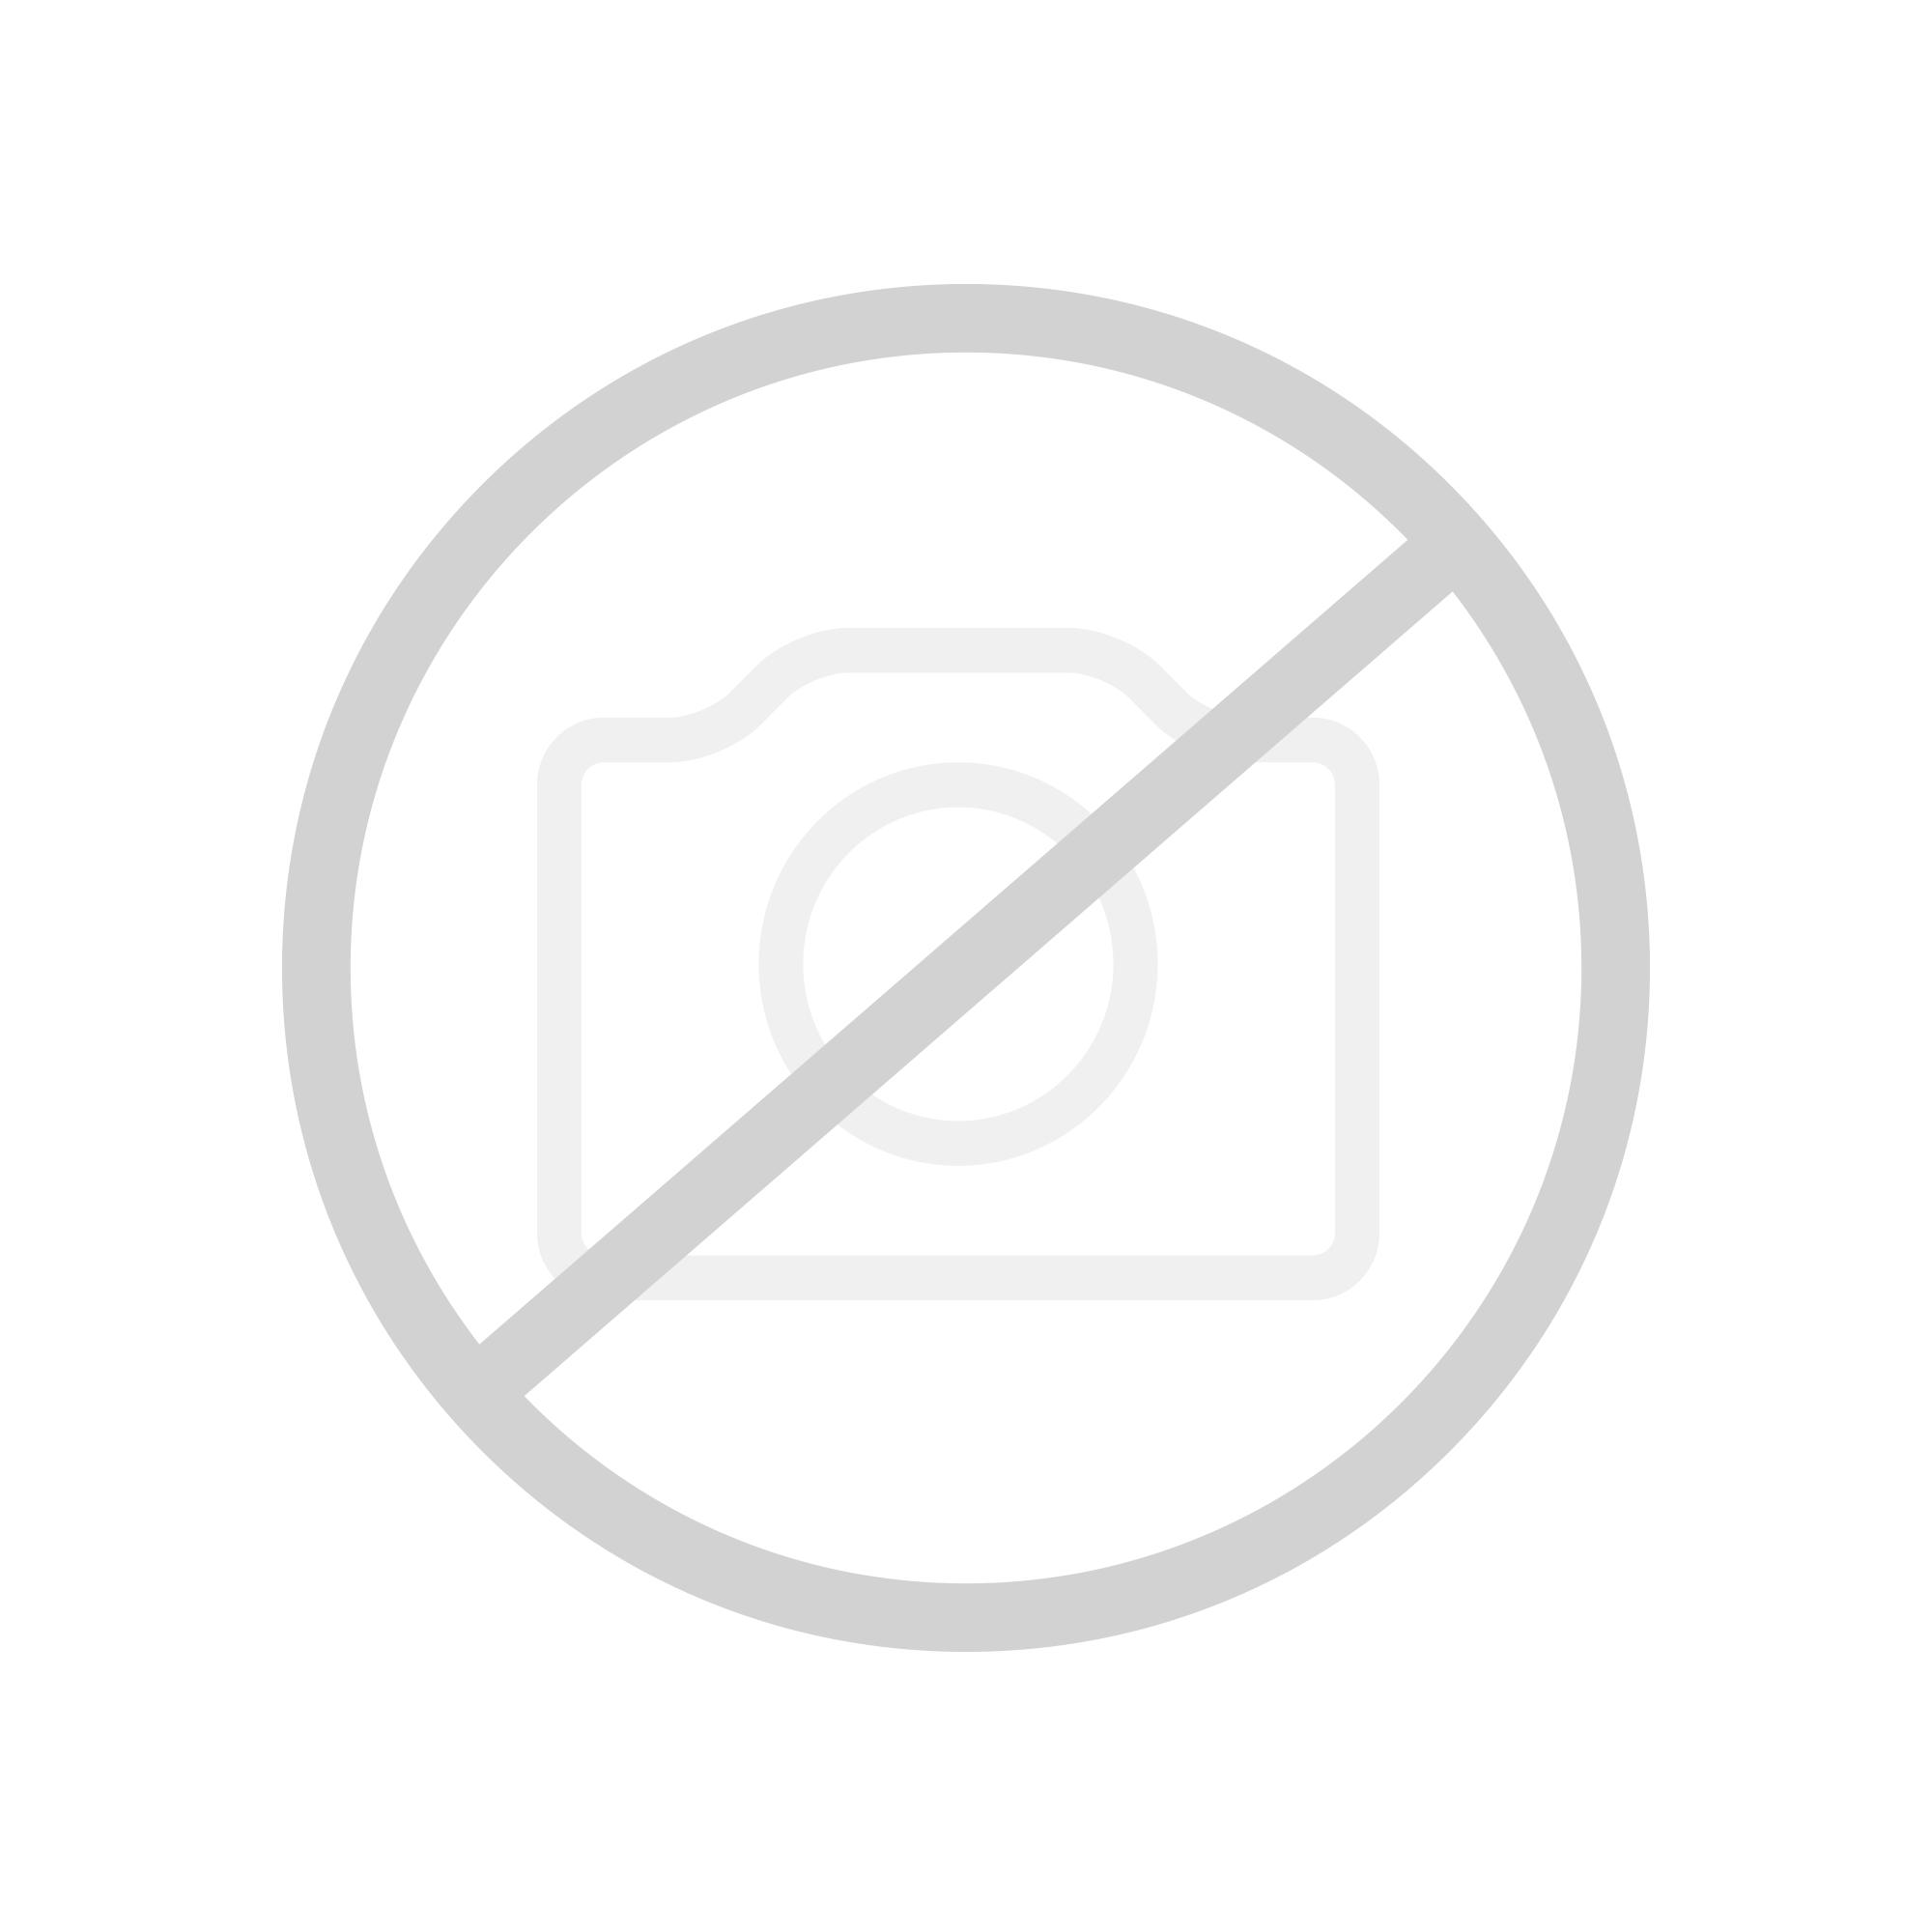 Clage Klein Durchlauferhitzer Übertischgerät M / SMB Mit  Spezial Mischbatterie M 3 / SMB, 3,5 KW   230 Volt   17103 | REUTER